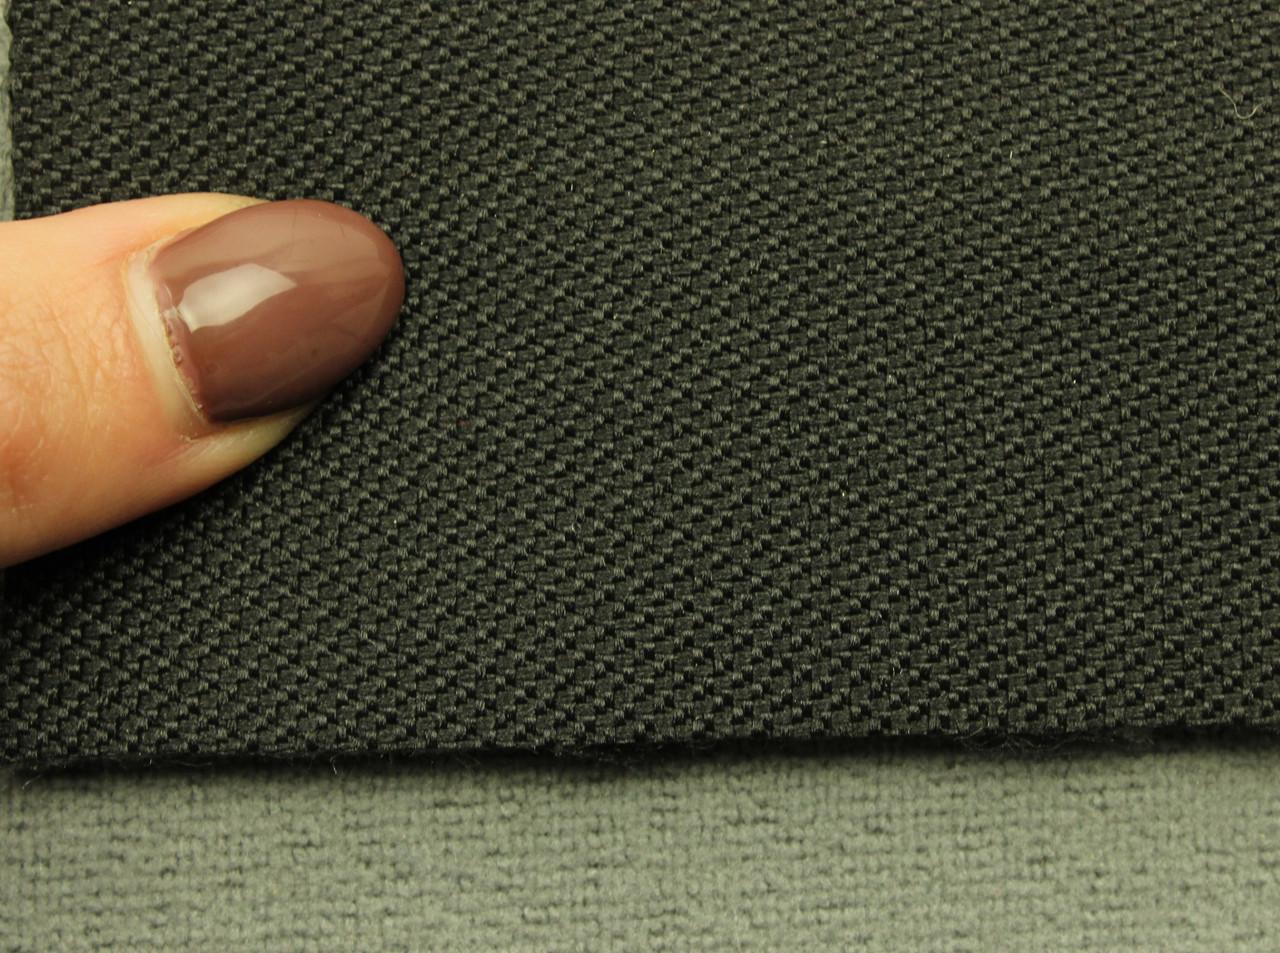 Ткань для сидений автомобиля, цвет черный, на войлоке (для боковой части) Германия